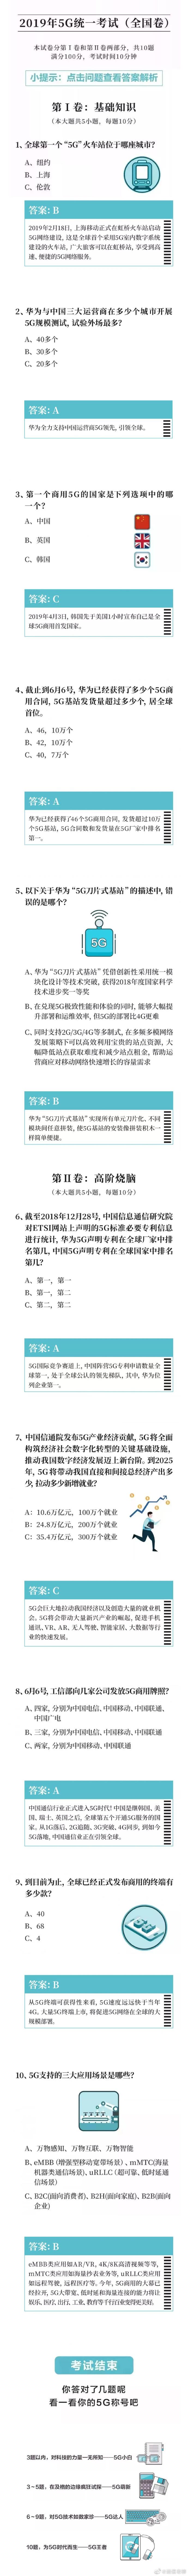 """2019年度5G考试题""""全国卷""""现身,看看你了解多少-玩懂手机网 - 玩懂手机第一手的手机资讯网(www.wdshouji.com)"""